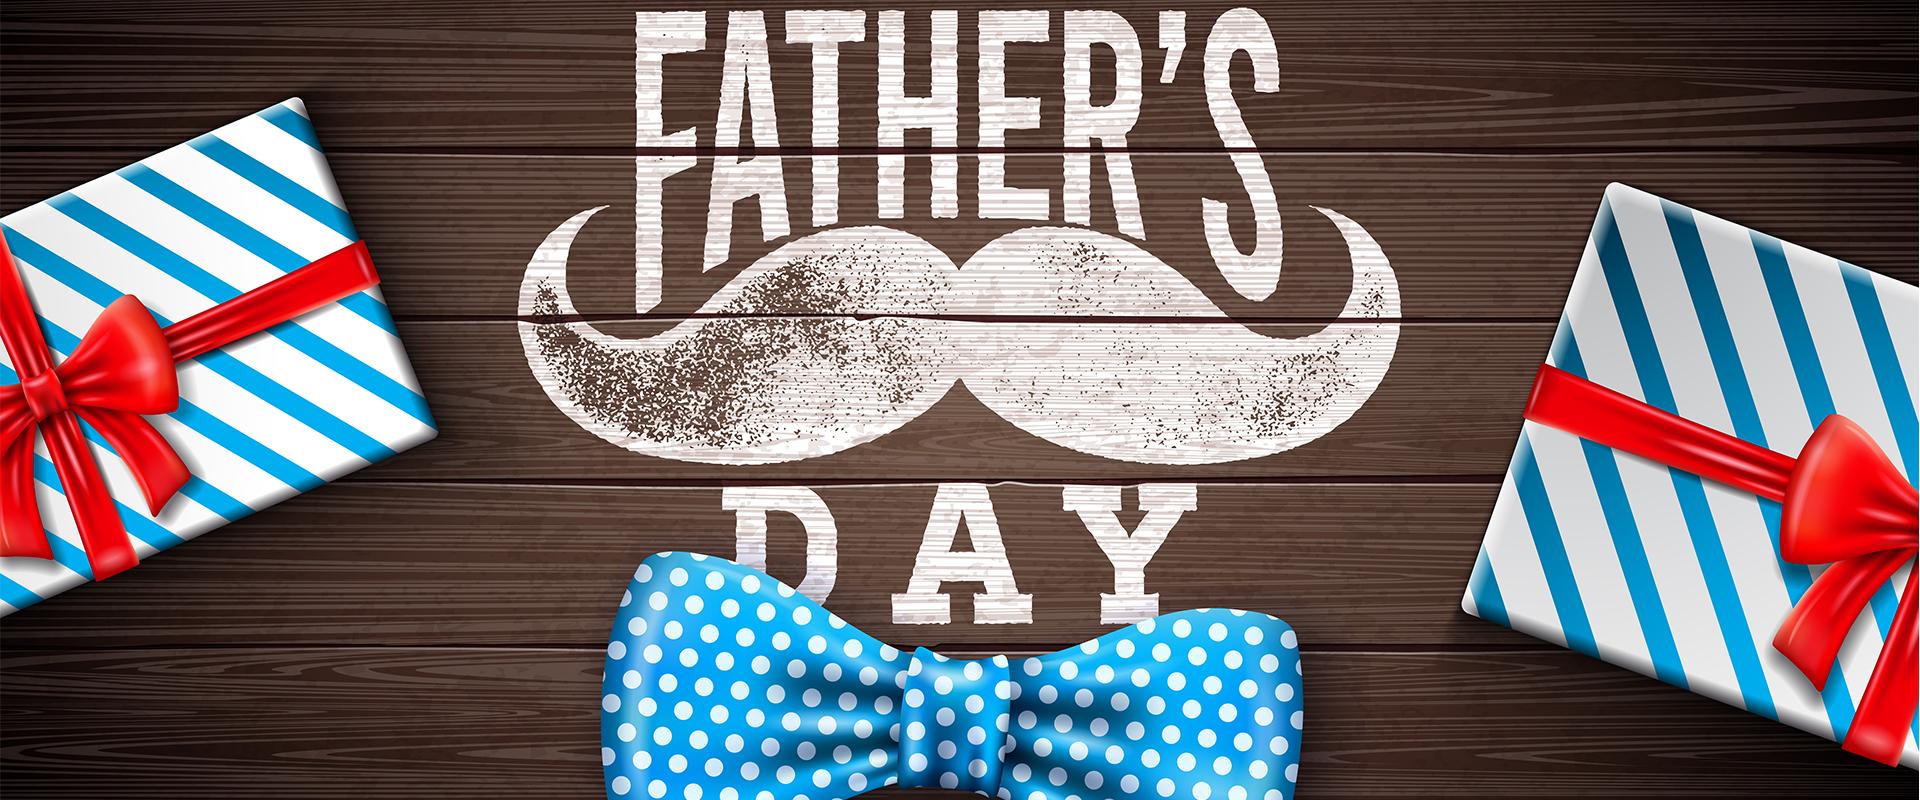 一年一度的父親節,想不到要送爸爸什麼禮物嗎?極限專賣幫你整理好大家都送什麼給最愛的父親了,機車手機架、機車藍牙耳機、運動攝影機、行車記錄器、智慧手錶,為您獻上最暖心的禮物精選!